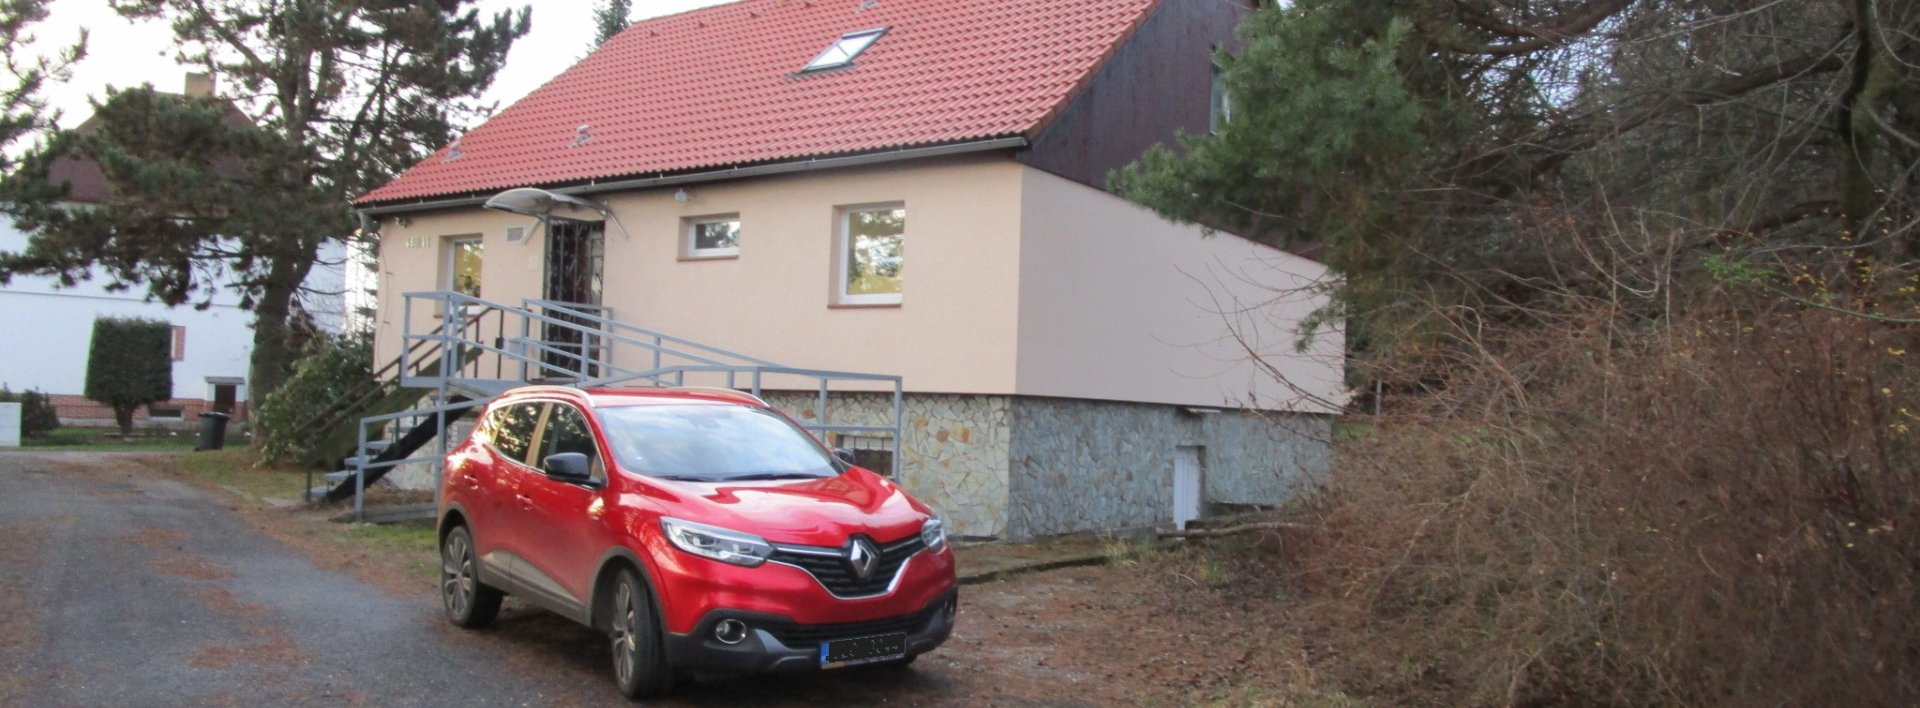 Pronájem kancelářských a provozních prostor v samostatném objektu - Srbská, Liberec XI-Růžodol I, Ev.č.: N48978